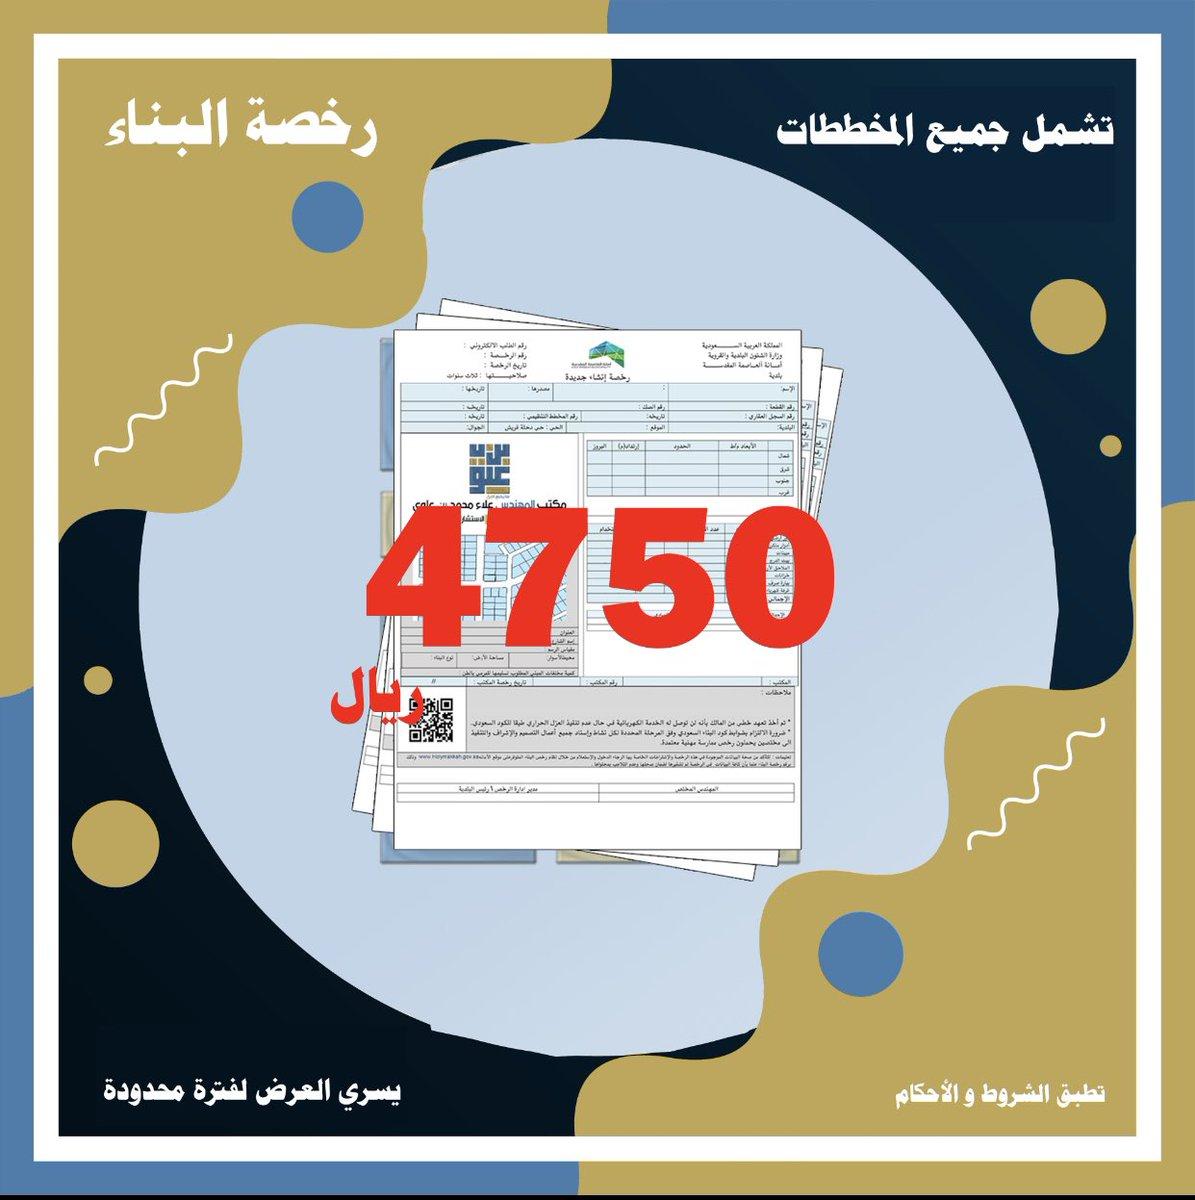 مكتب المهندس علاء محمد بن علوي Binalawi Est Twitter